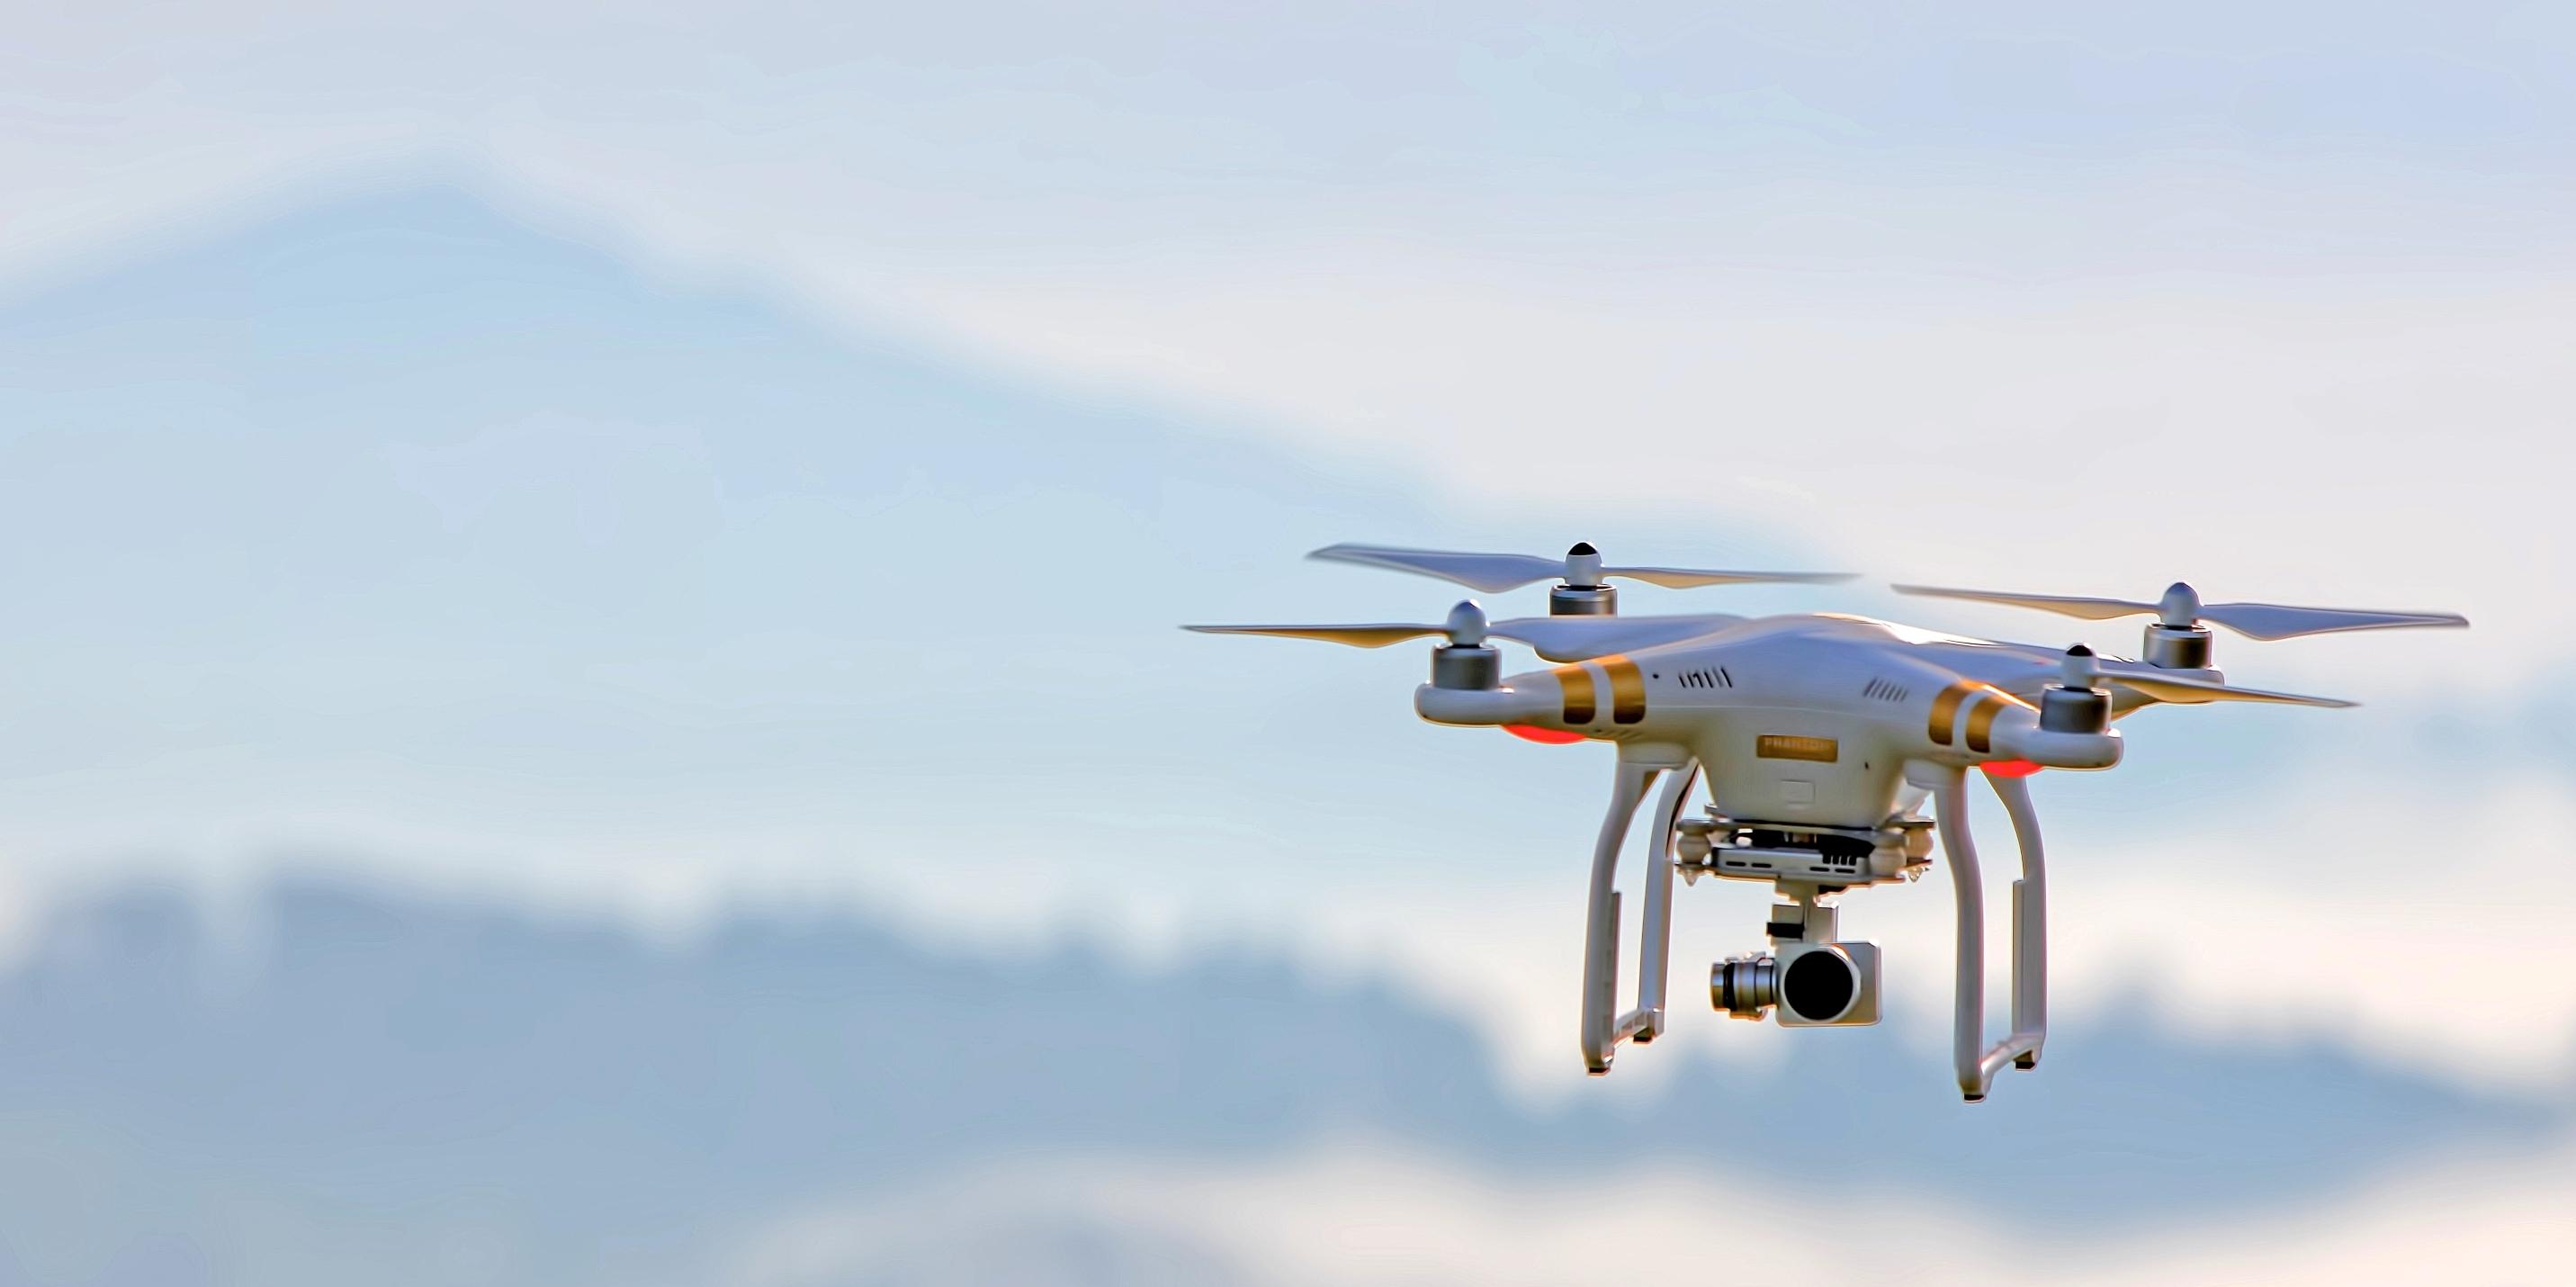 Борясь с дронами преступников, китайские фермеры вывели из строя навигаторы самолетов